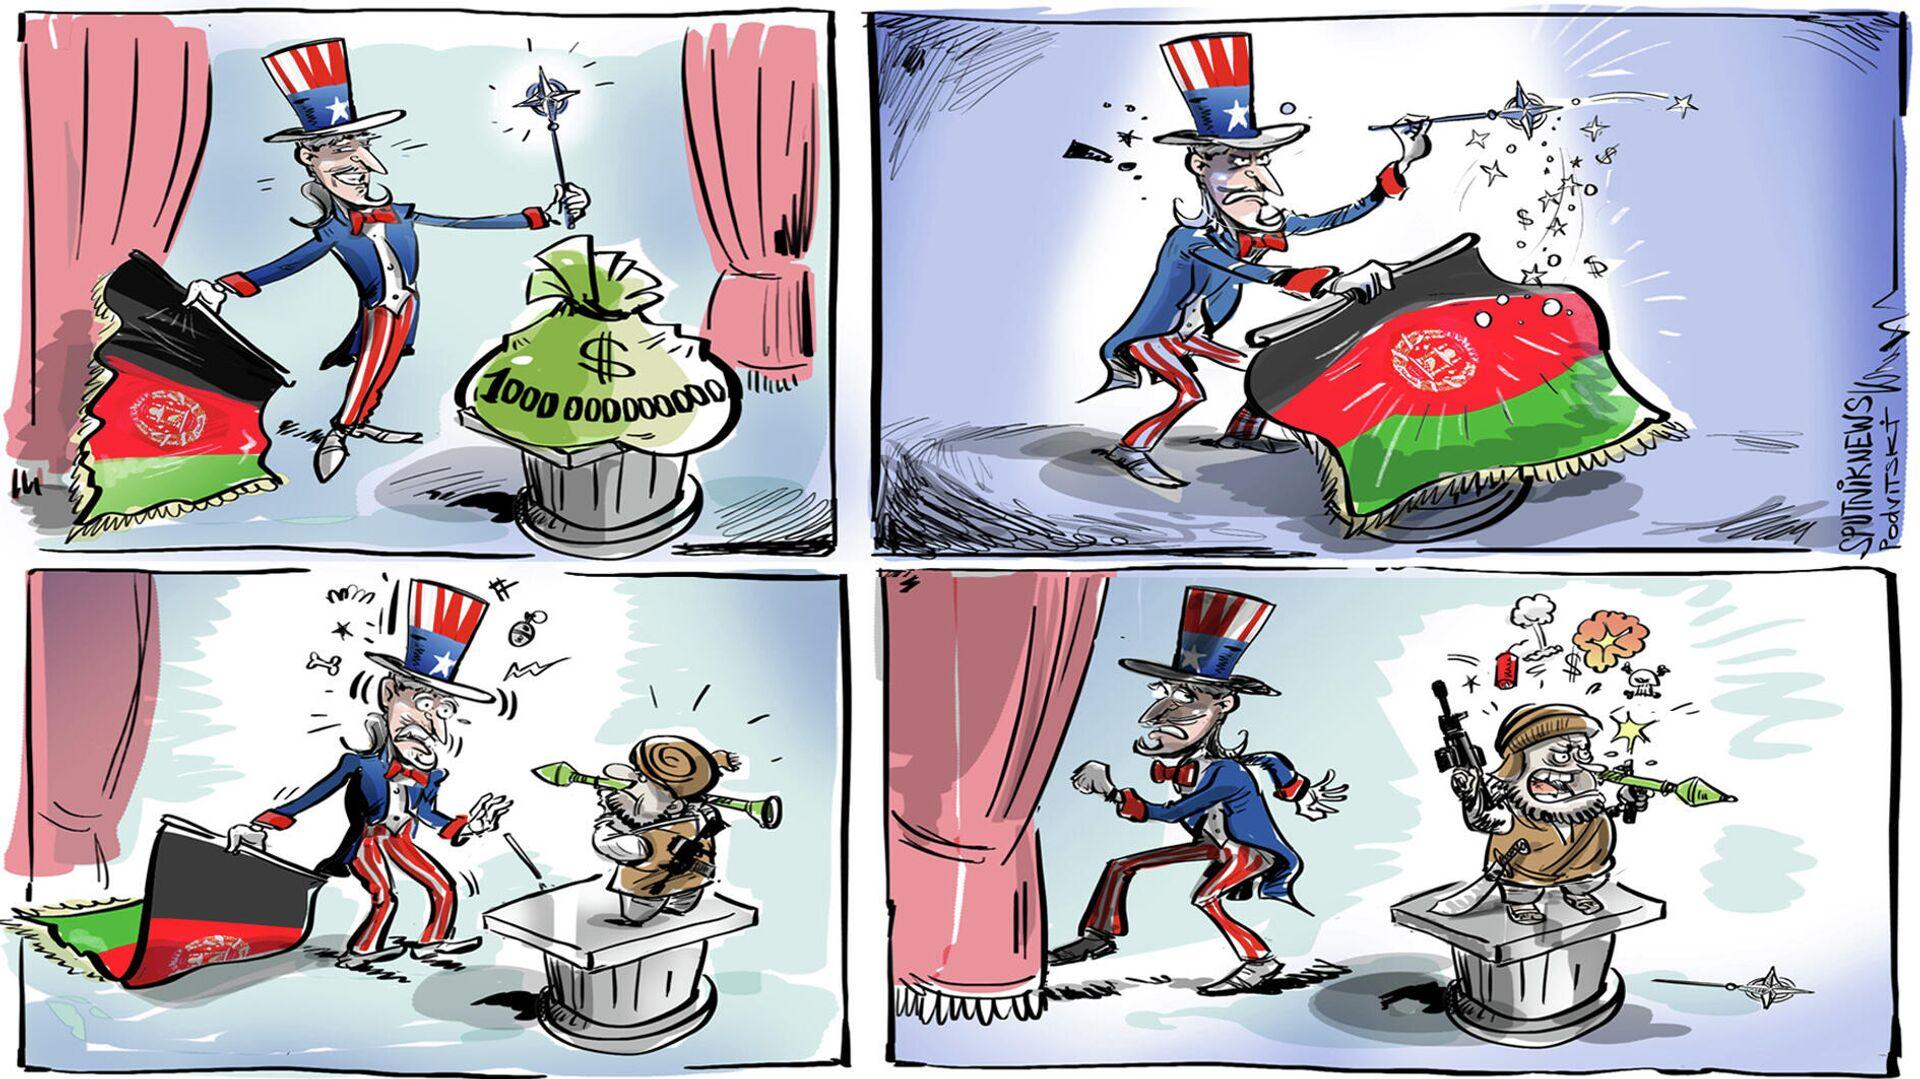 El truco del billón de dólares le sale mal al Tío Sam en Afganistán - Sputnik Mundo, 1920, 18.08.2021